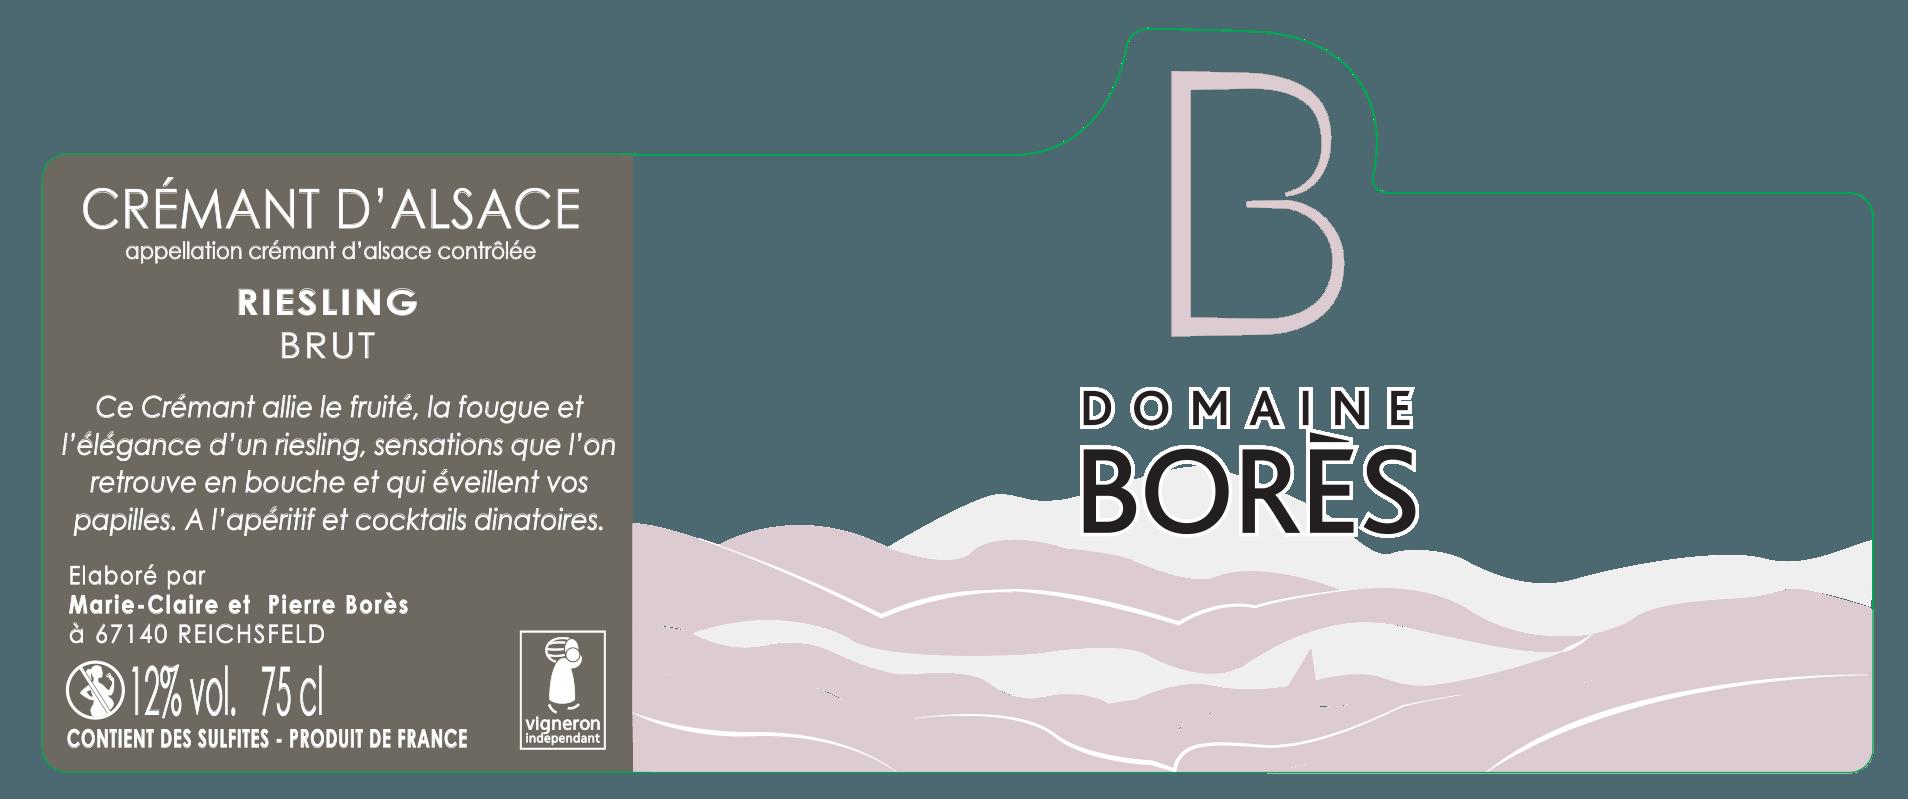 Étiquette crémant Alsace Riesling Brut domaine borès